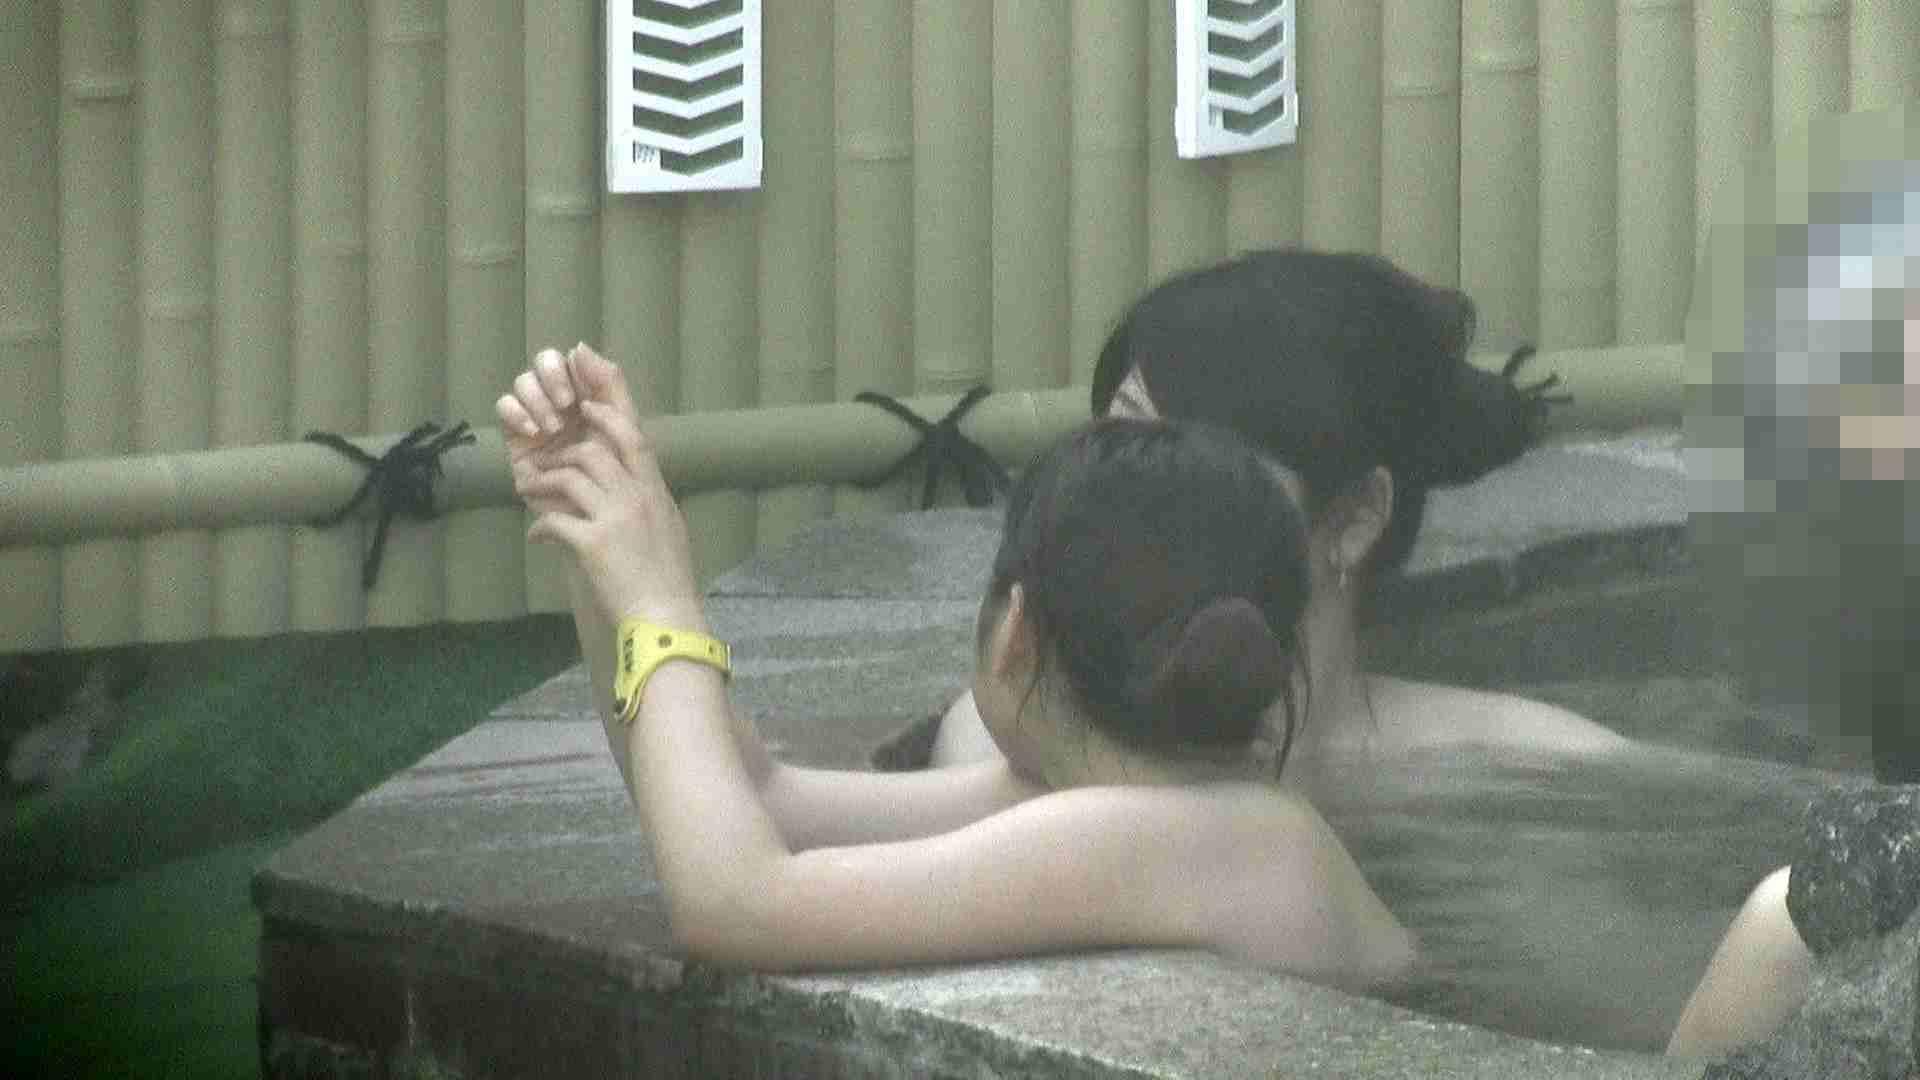 Aquaな露天風呂Vol.206 露天風呂 われめAV動画紹介 87連発 50